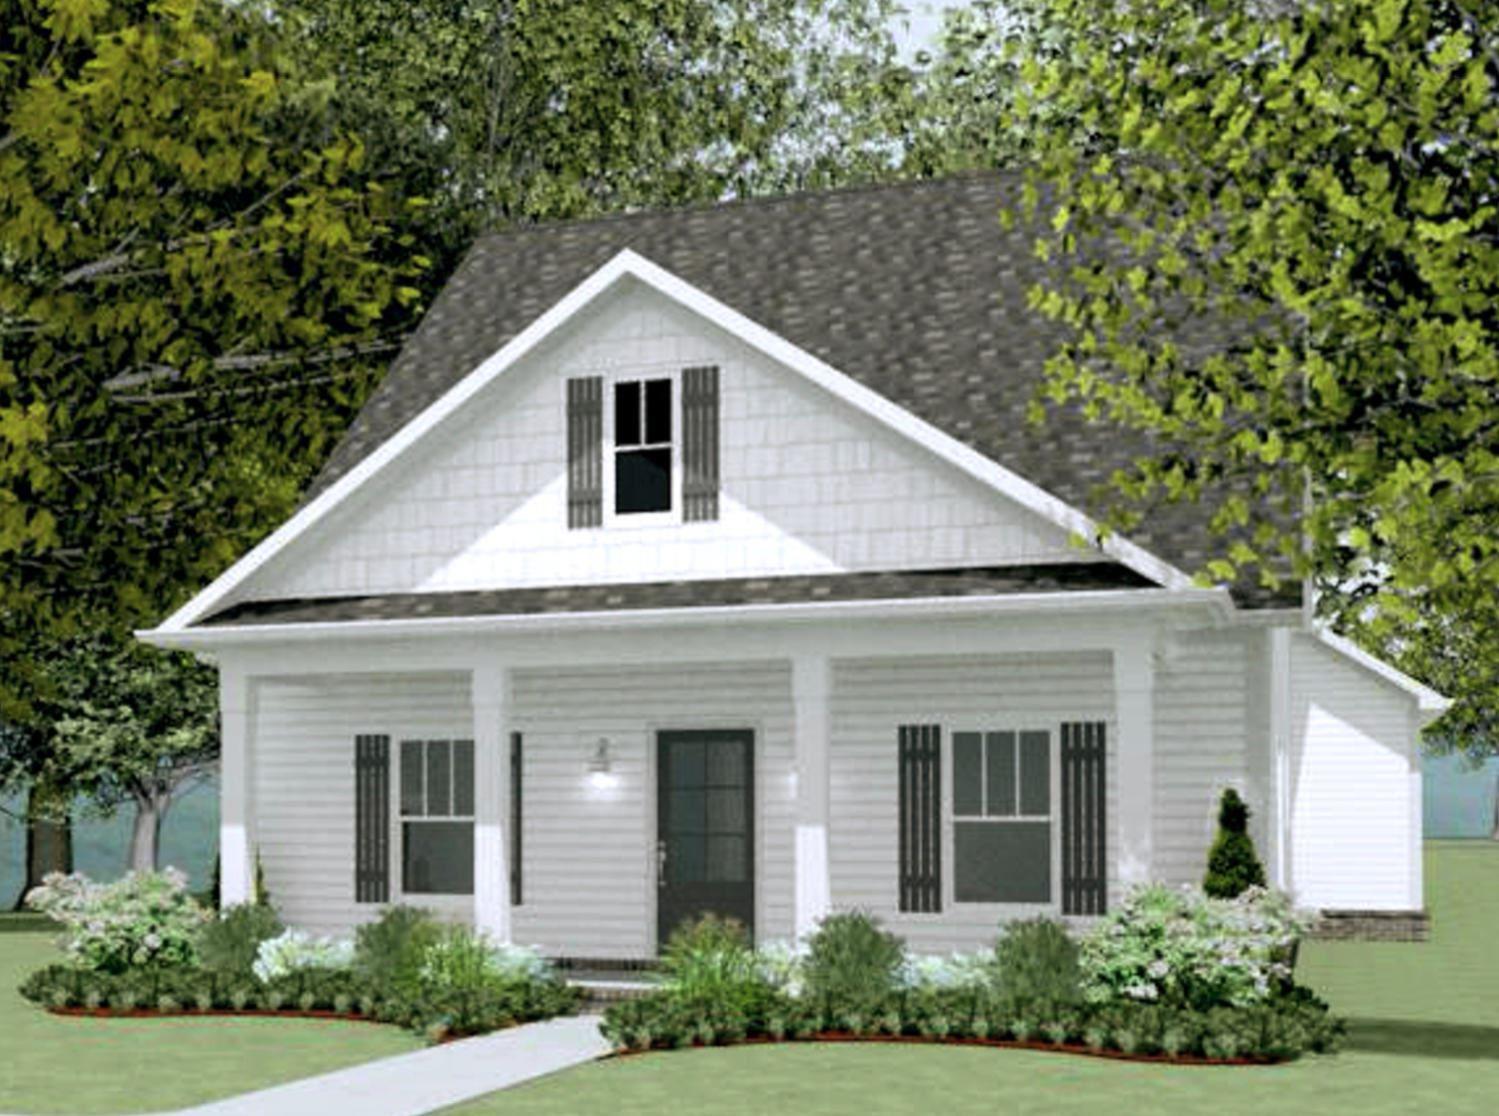 Photo of 115 Boysenberry Drive #Lot 8L, Oak Ridge, TN 37830 (MLS # 1156919)